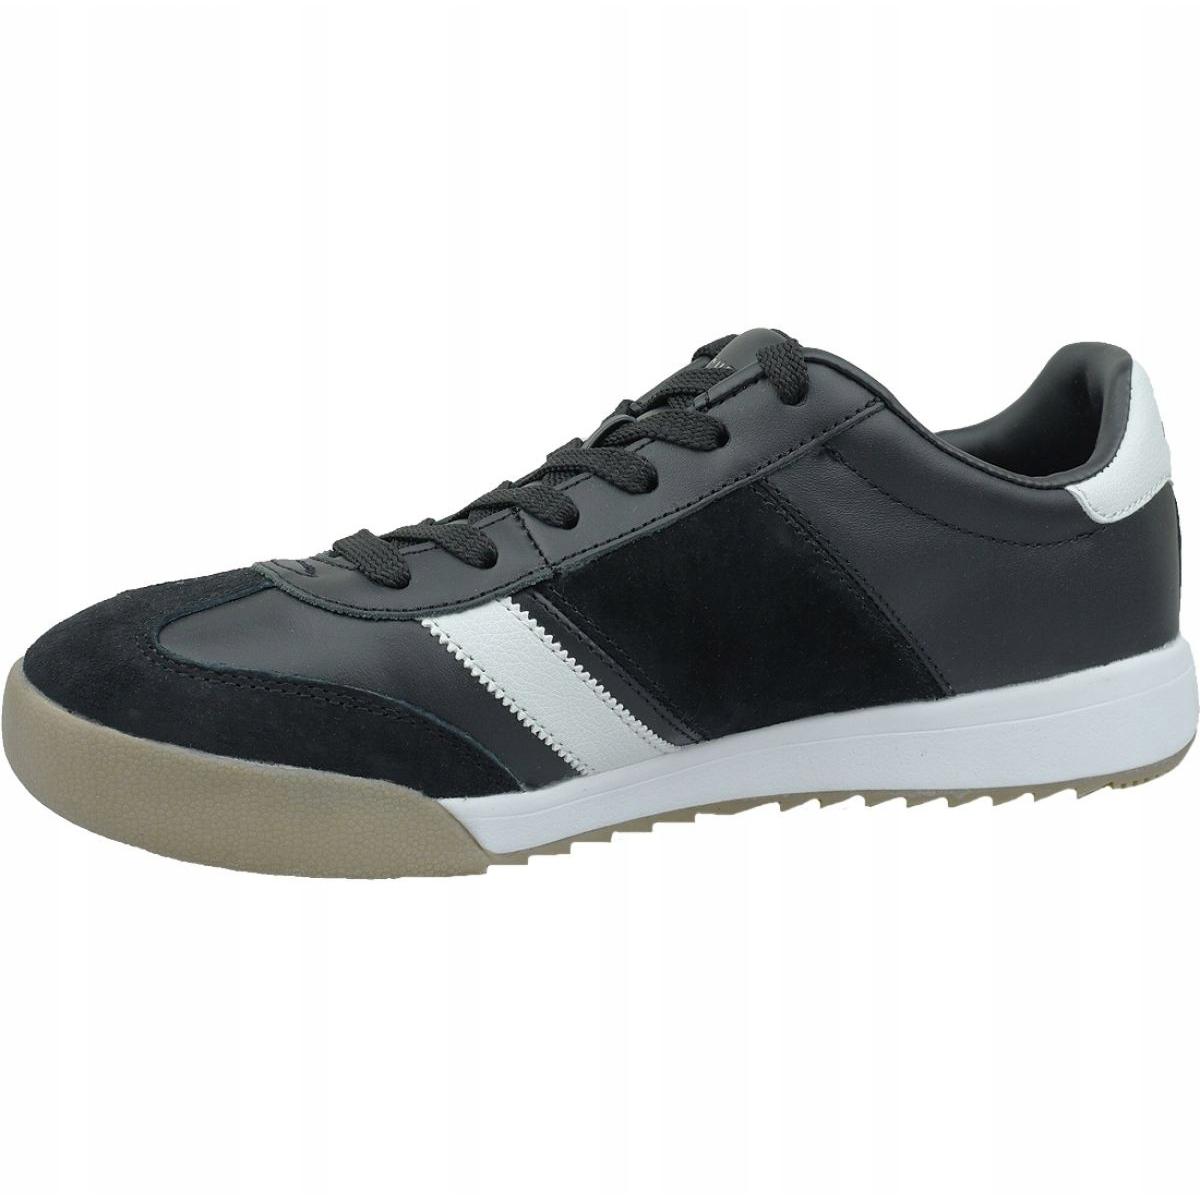 Details zu Skechers Zinger Scobie M 52322 BKW Schuhe schwarz